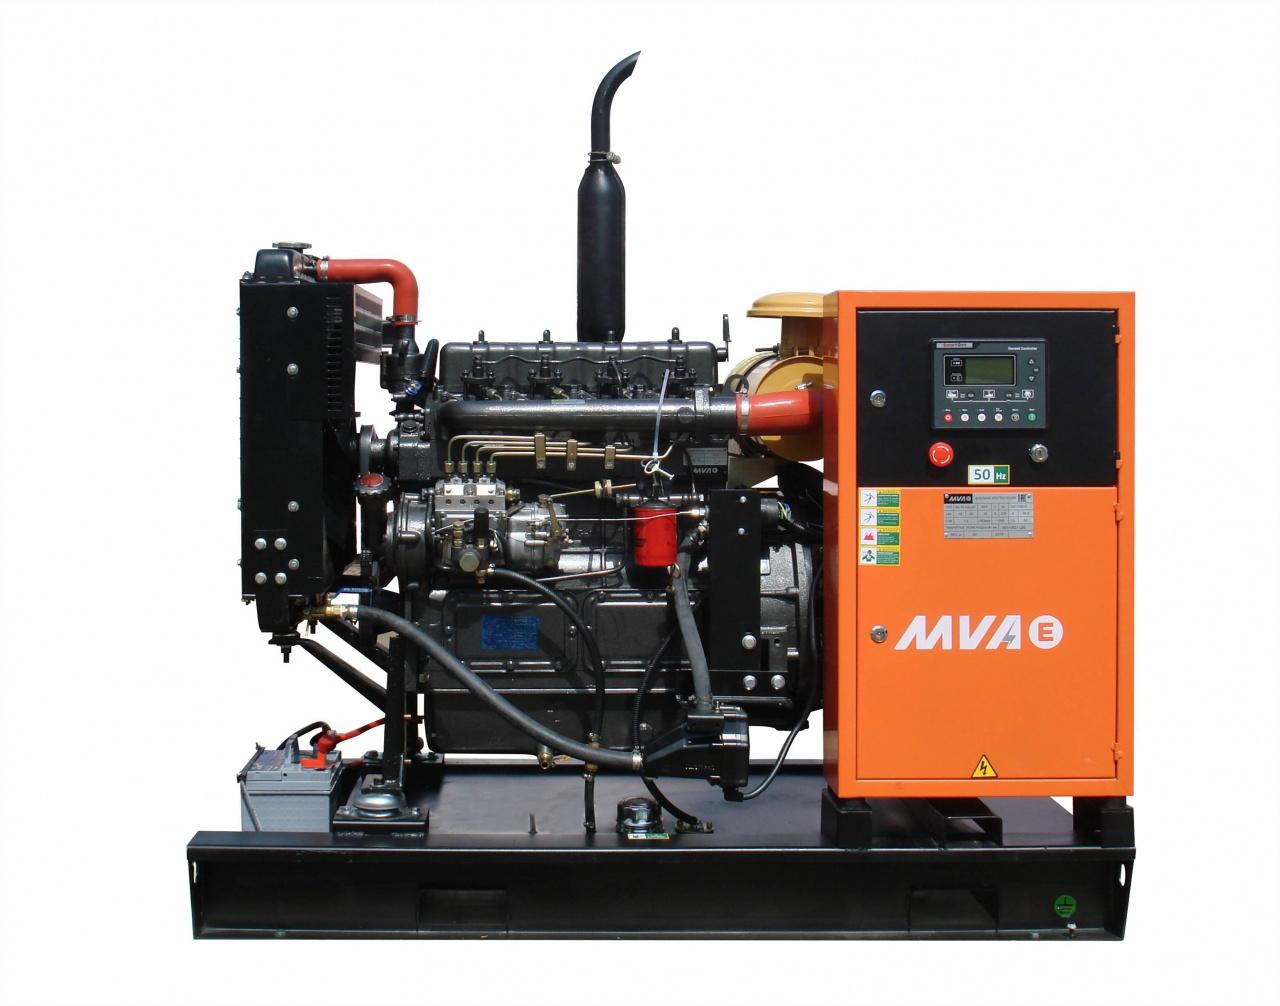 дизельная электростанция mvae ад-16-230-ар